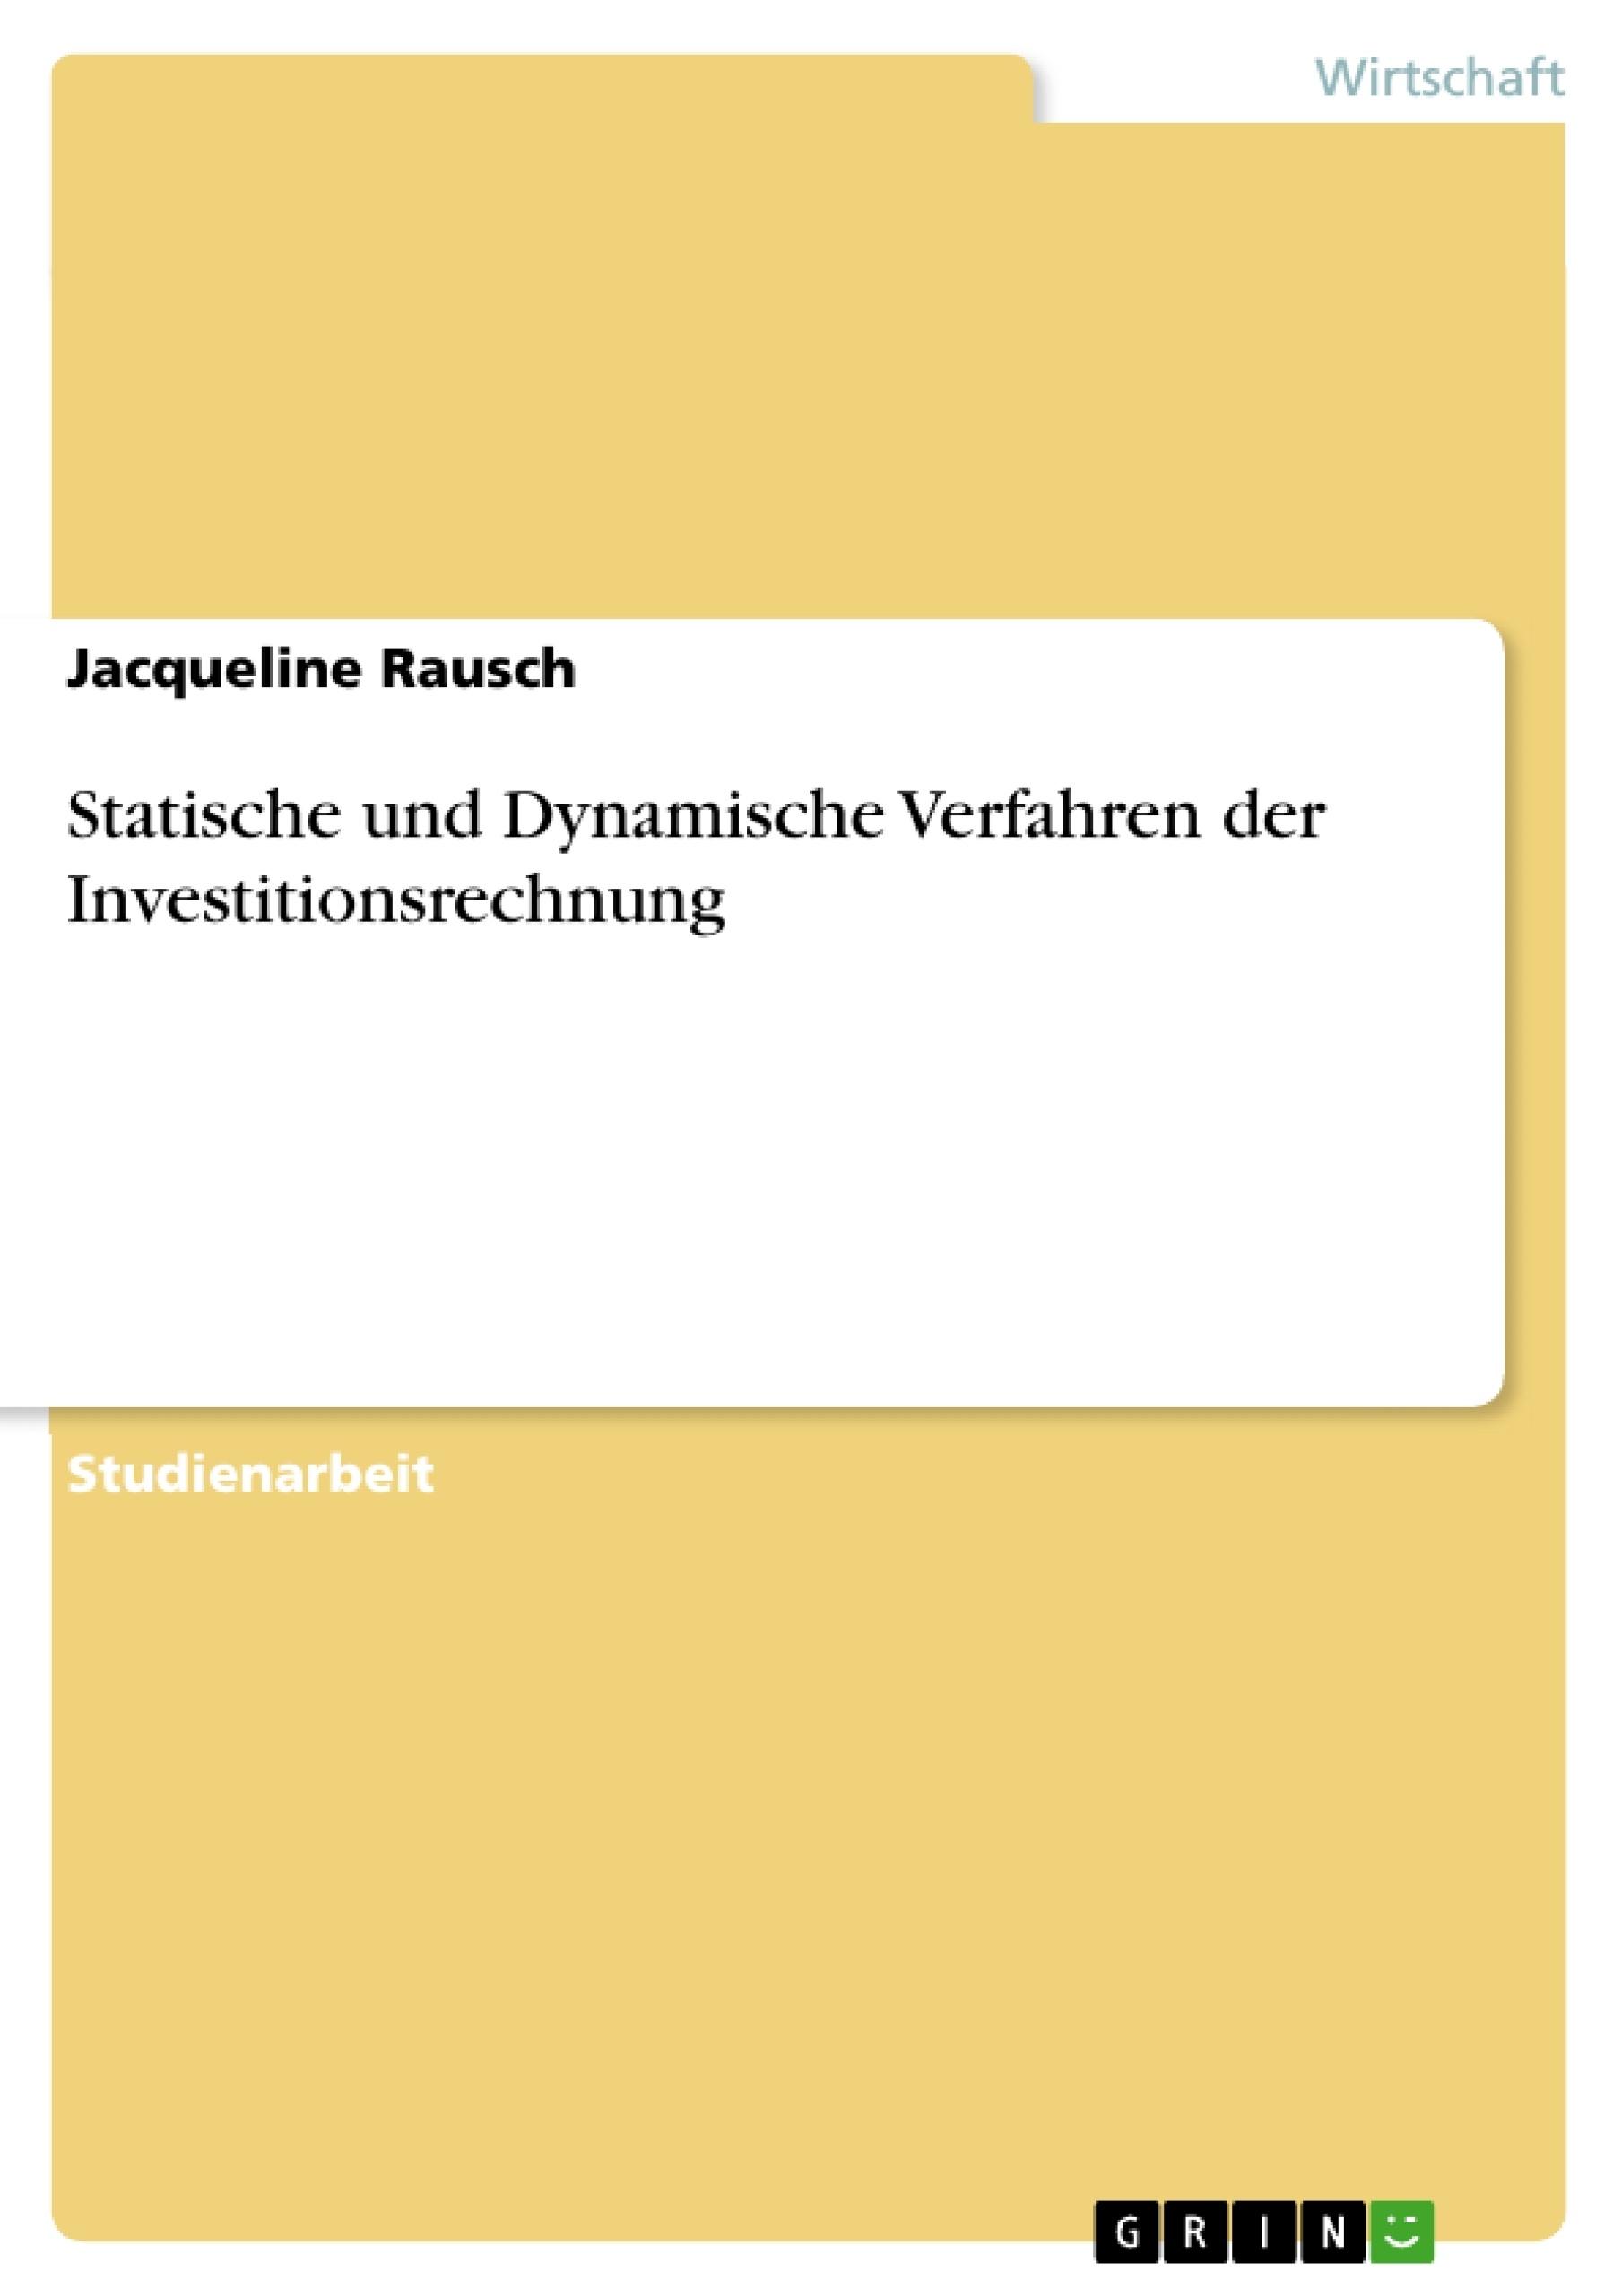 Titel: Statische und Dynamische Verfahren der  Investitionsrechnung